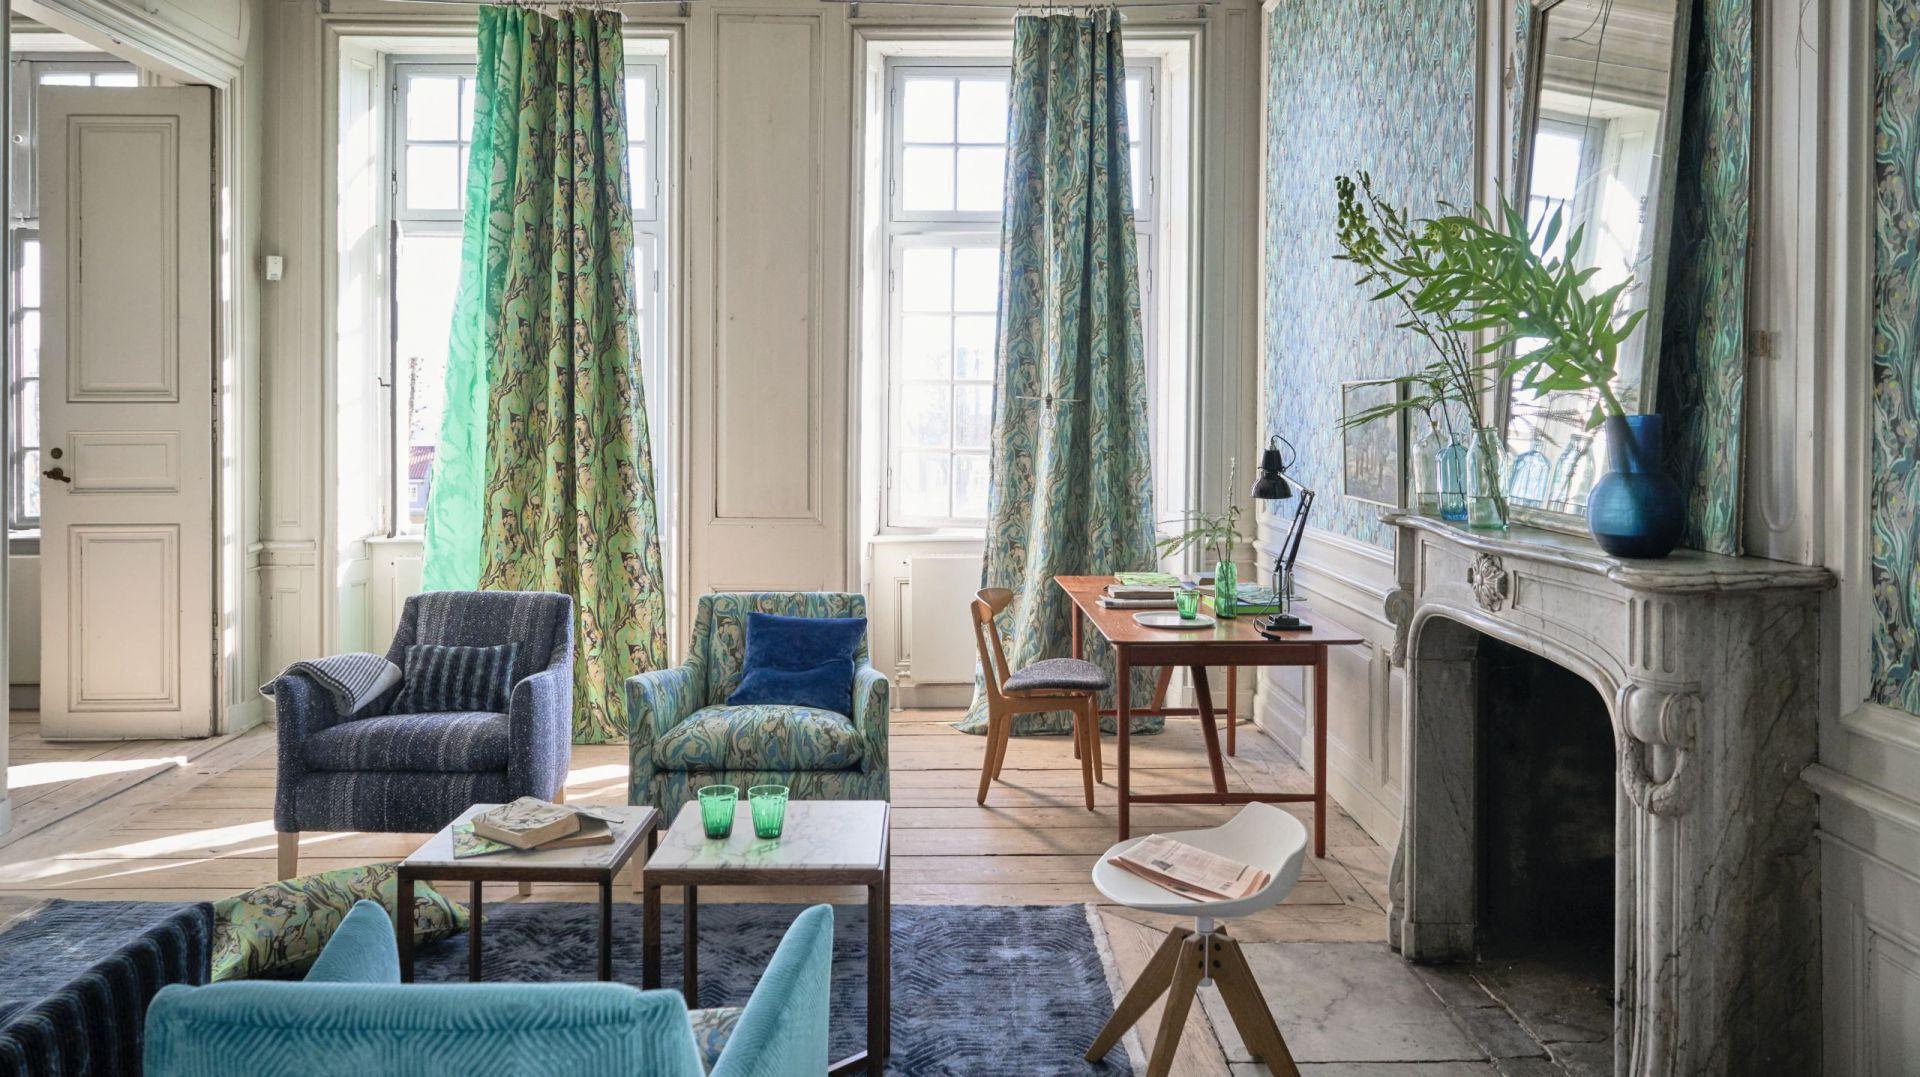 Fantazyjny wzór tkanin z kolekcji JARDIN DES PLANTES łączy odcienie zieleni i błękitu. 505 zł/mb. Fot.Designers Guild / decodore.pl